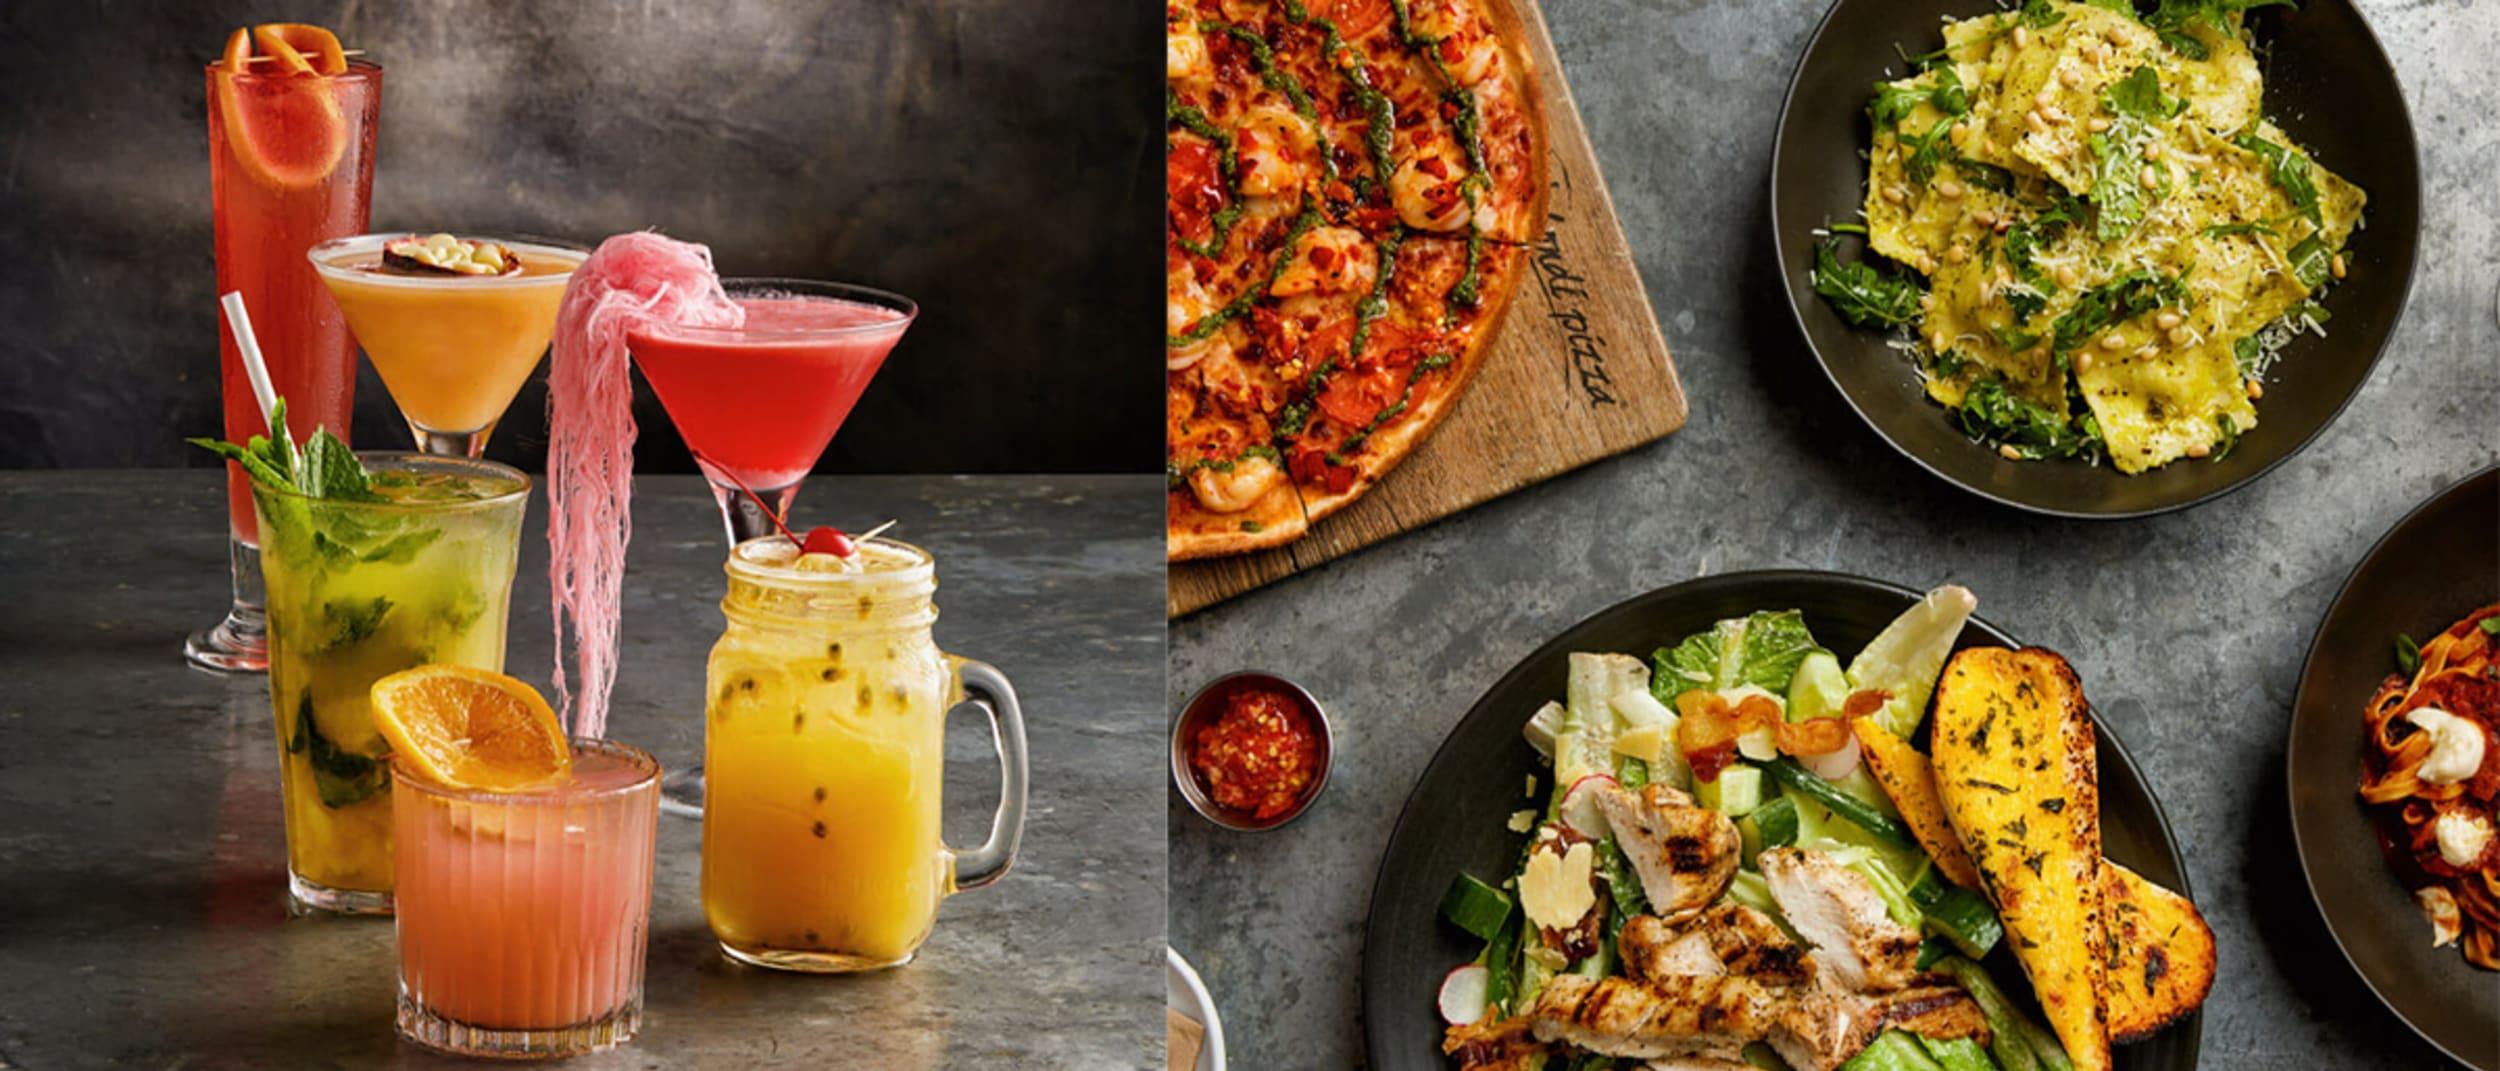 Bondi Pizza: The new menu has arrived!